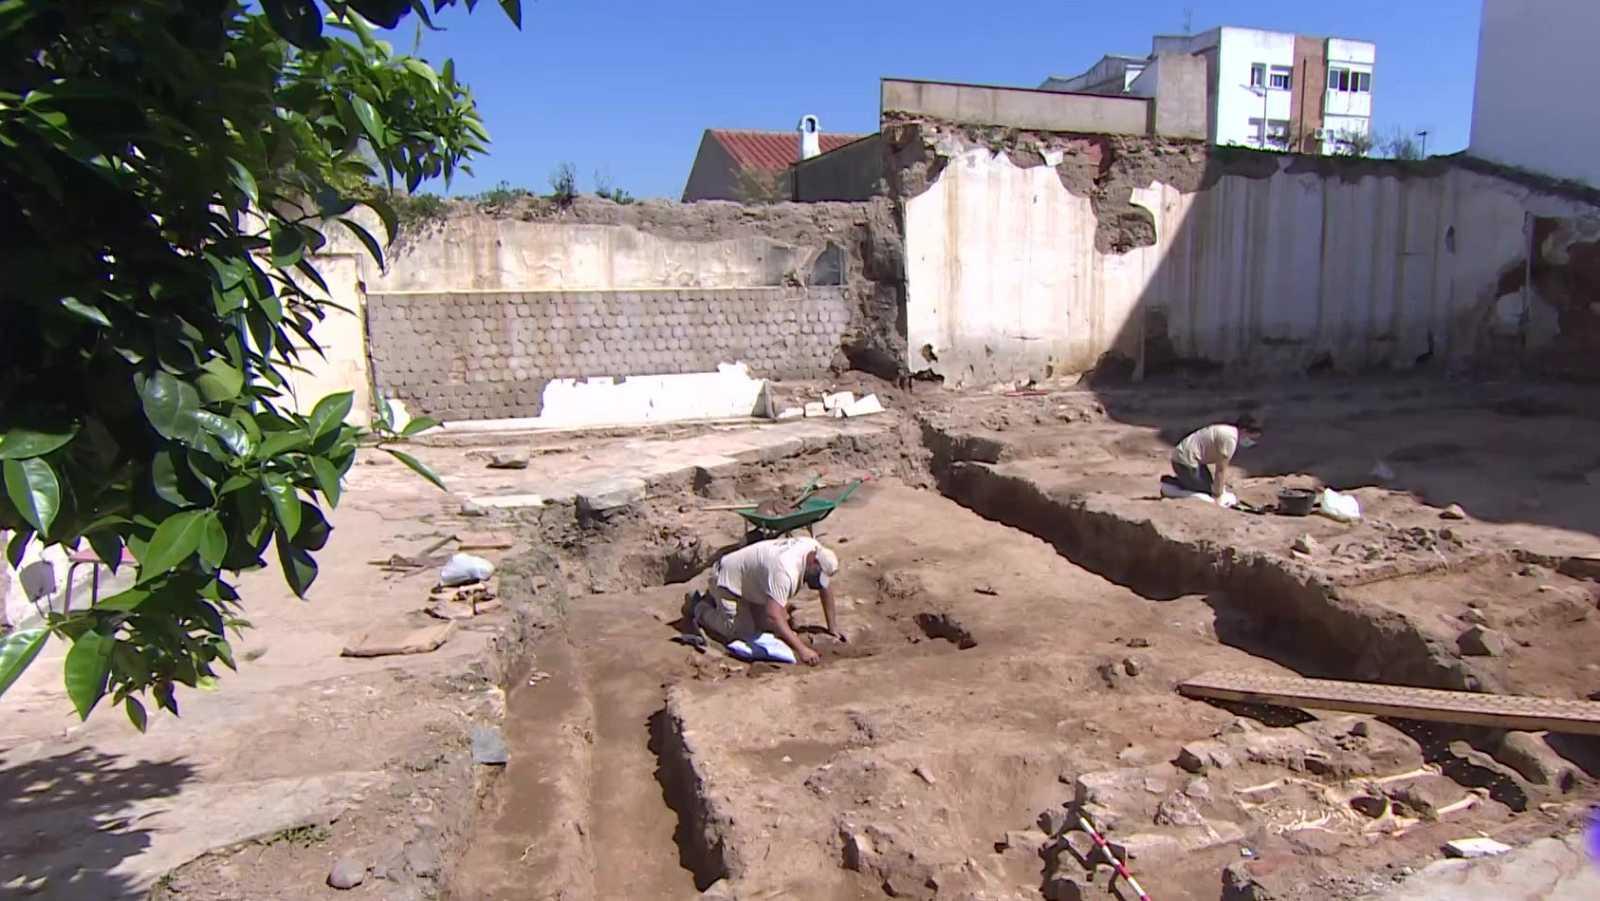 Reformar una casa en Mérida puede sacar a la luz siglos de historia